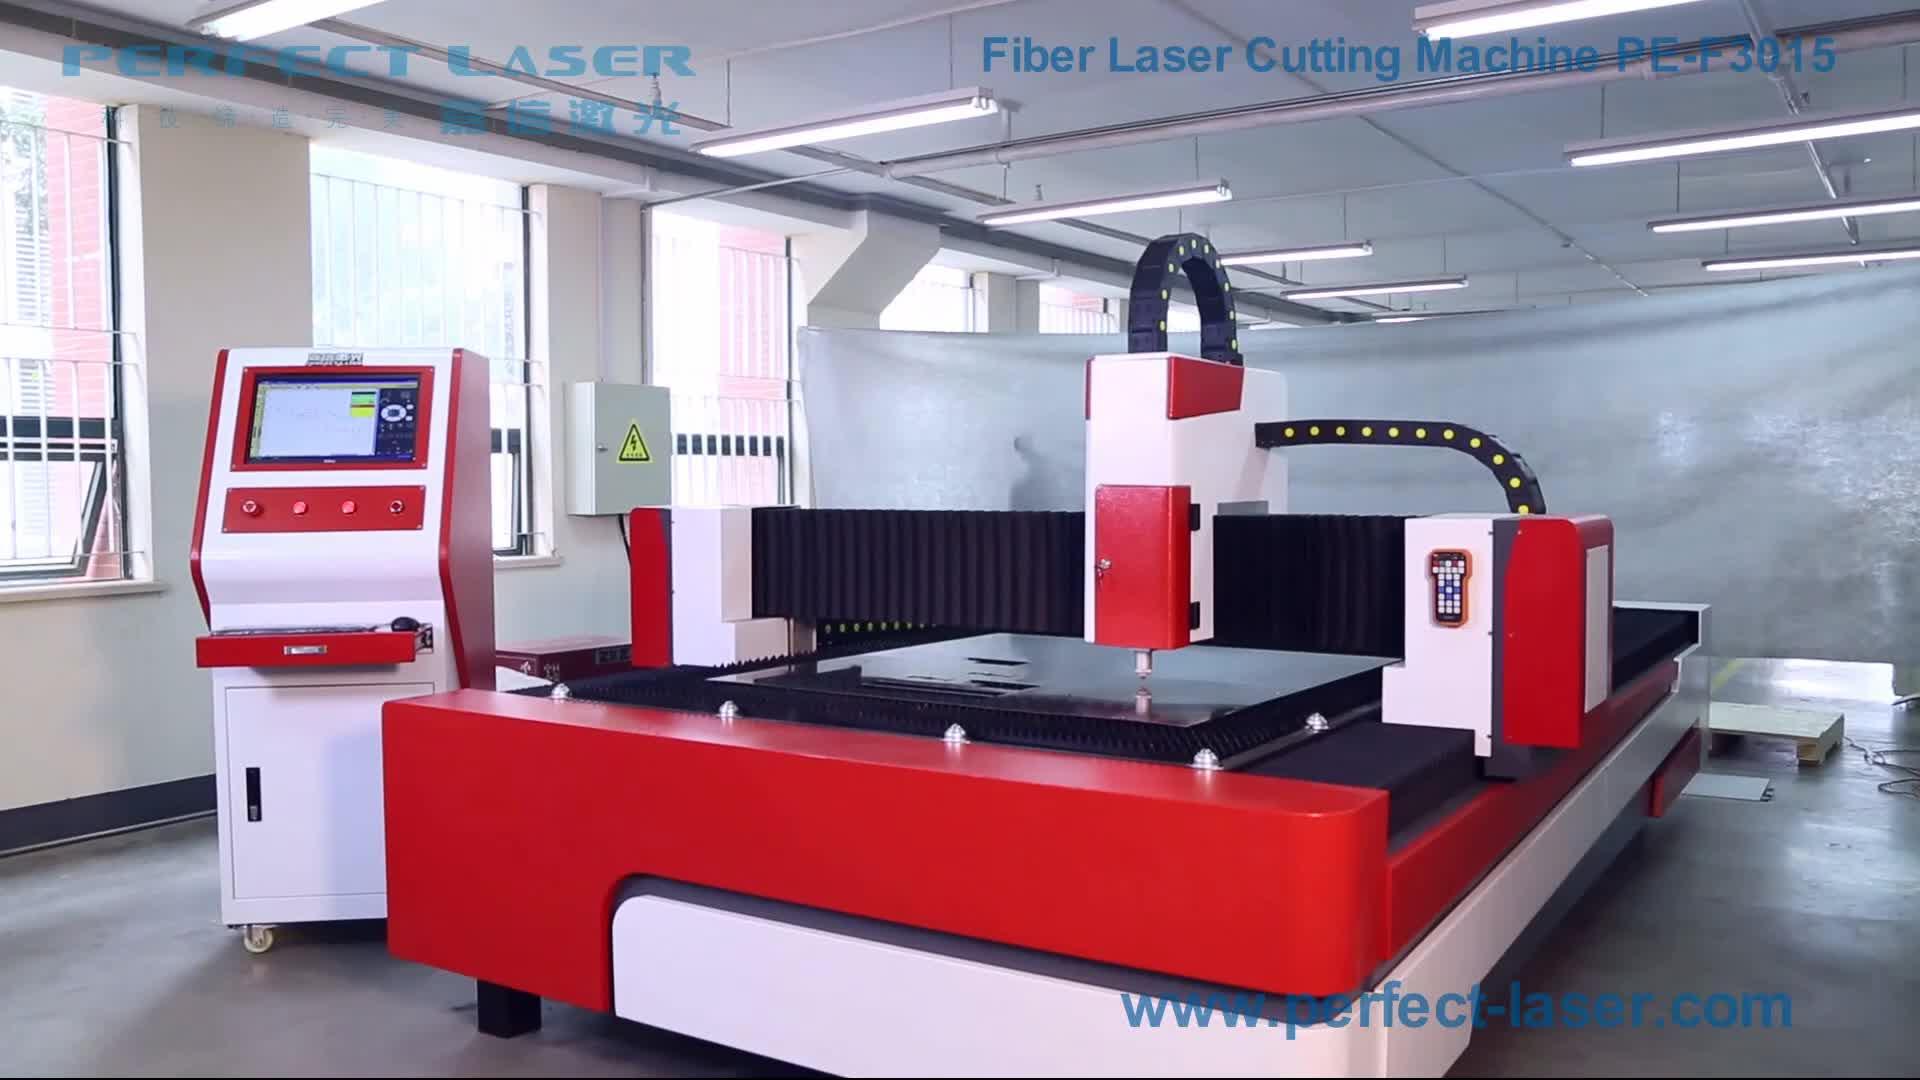 Laser Baja Cutter/Serat Laser Cutting Harga Mesin/Mesin Laser Cutting